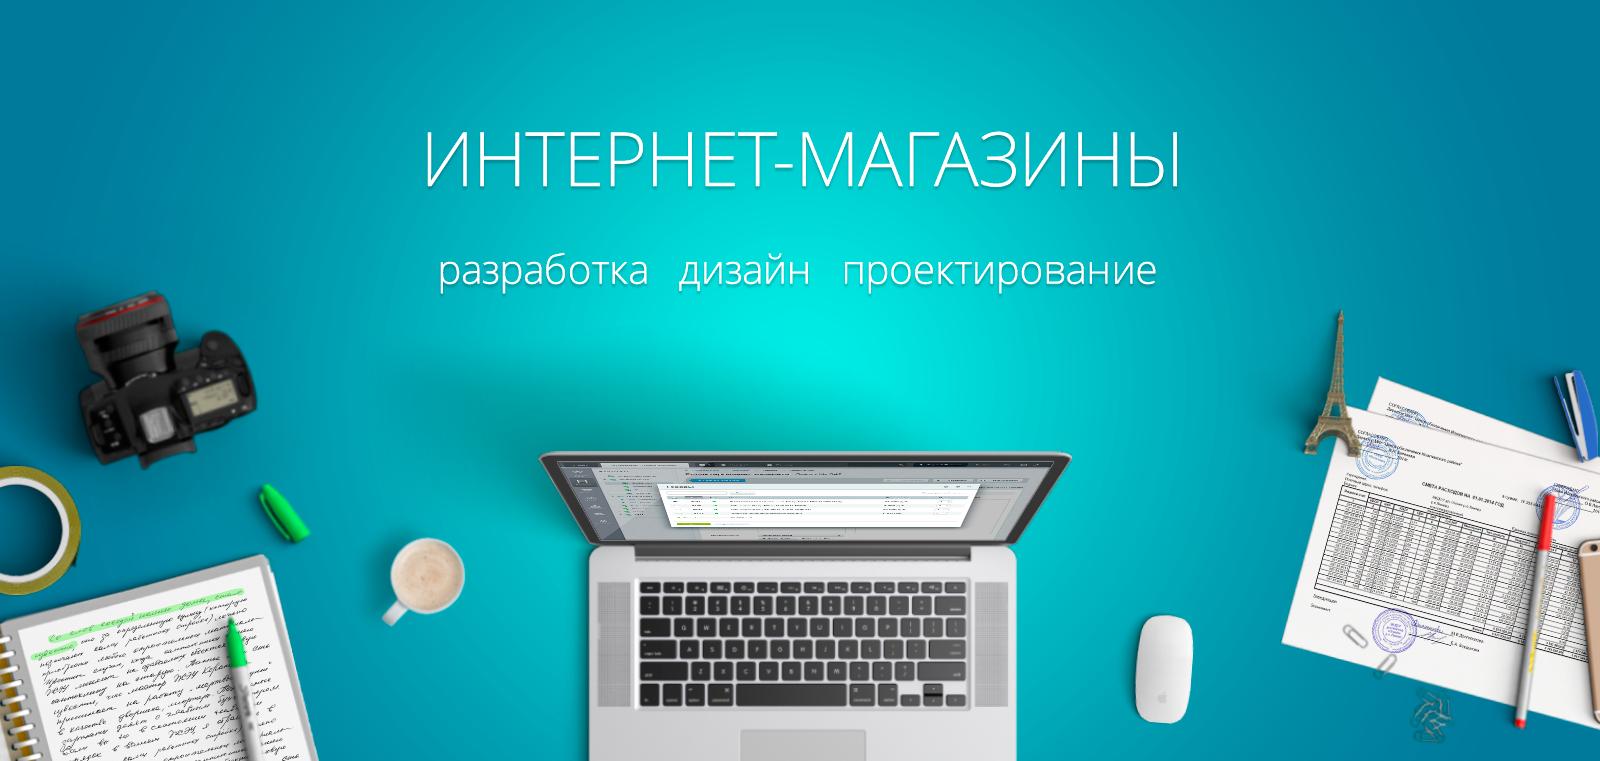 Интернет-магазины – разработка сайтов в Москве!